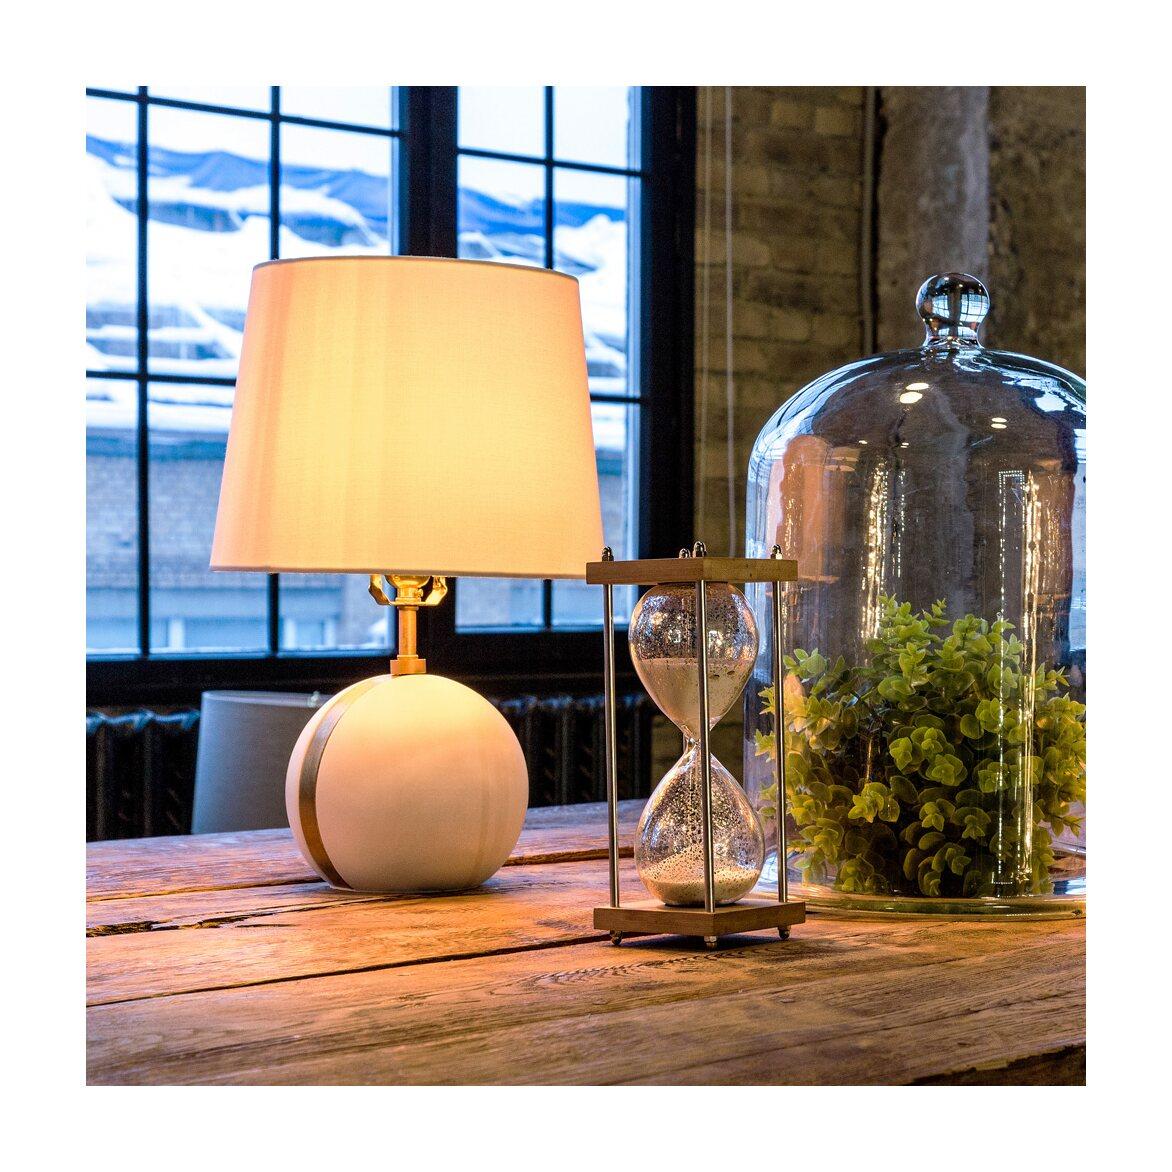 Настольная лампа «Гейм» 2 | Настольные лампы Kingsby